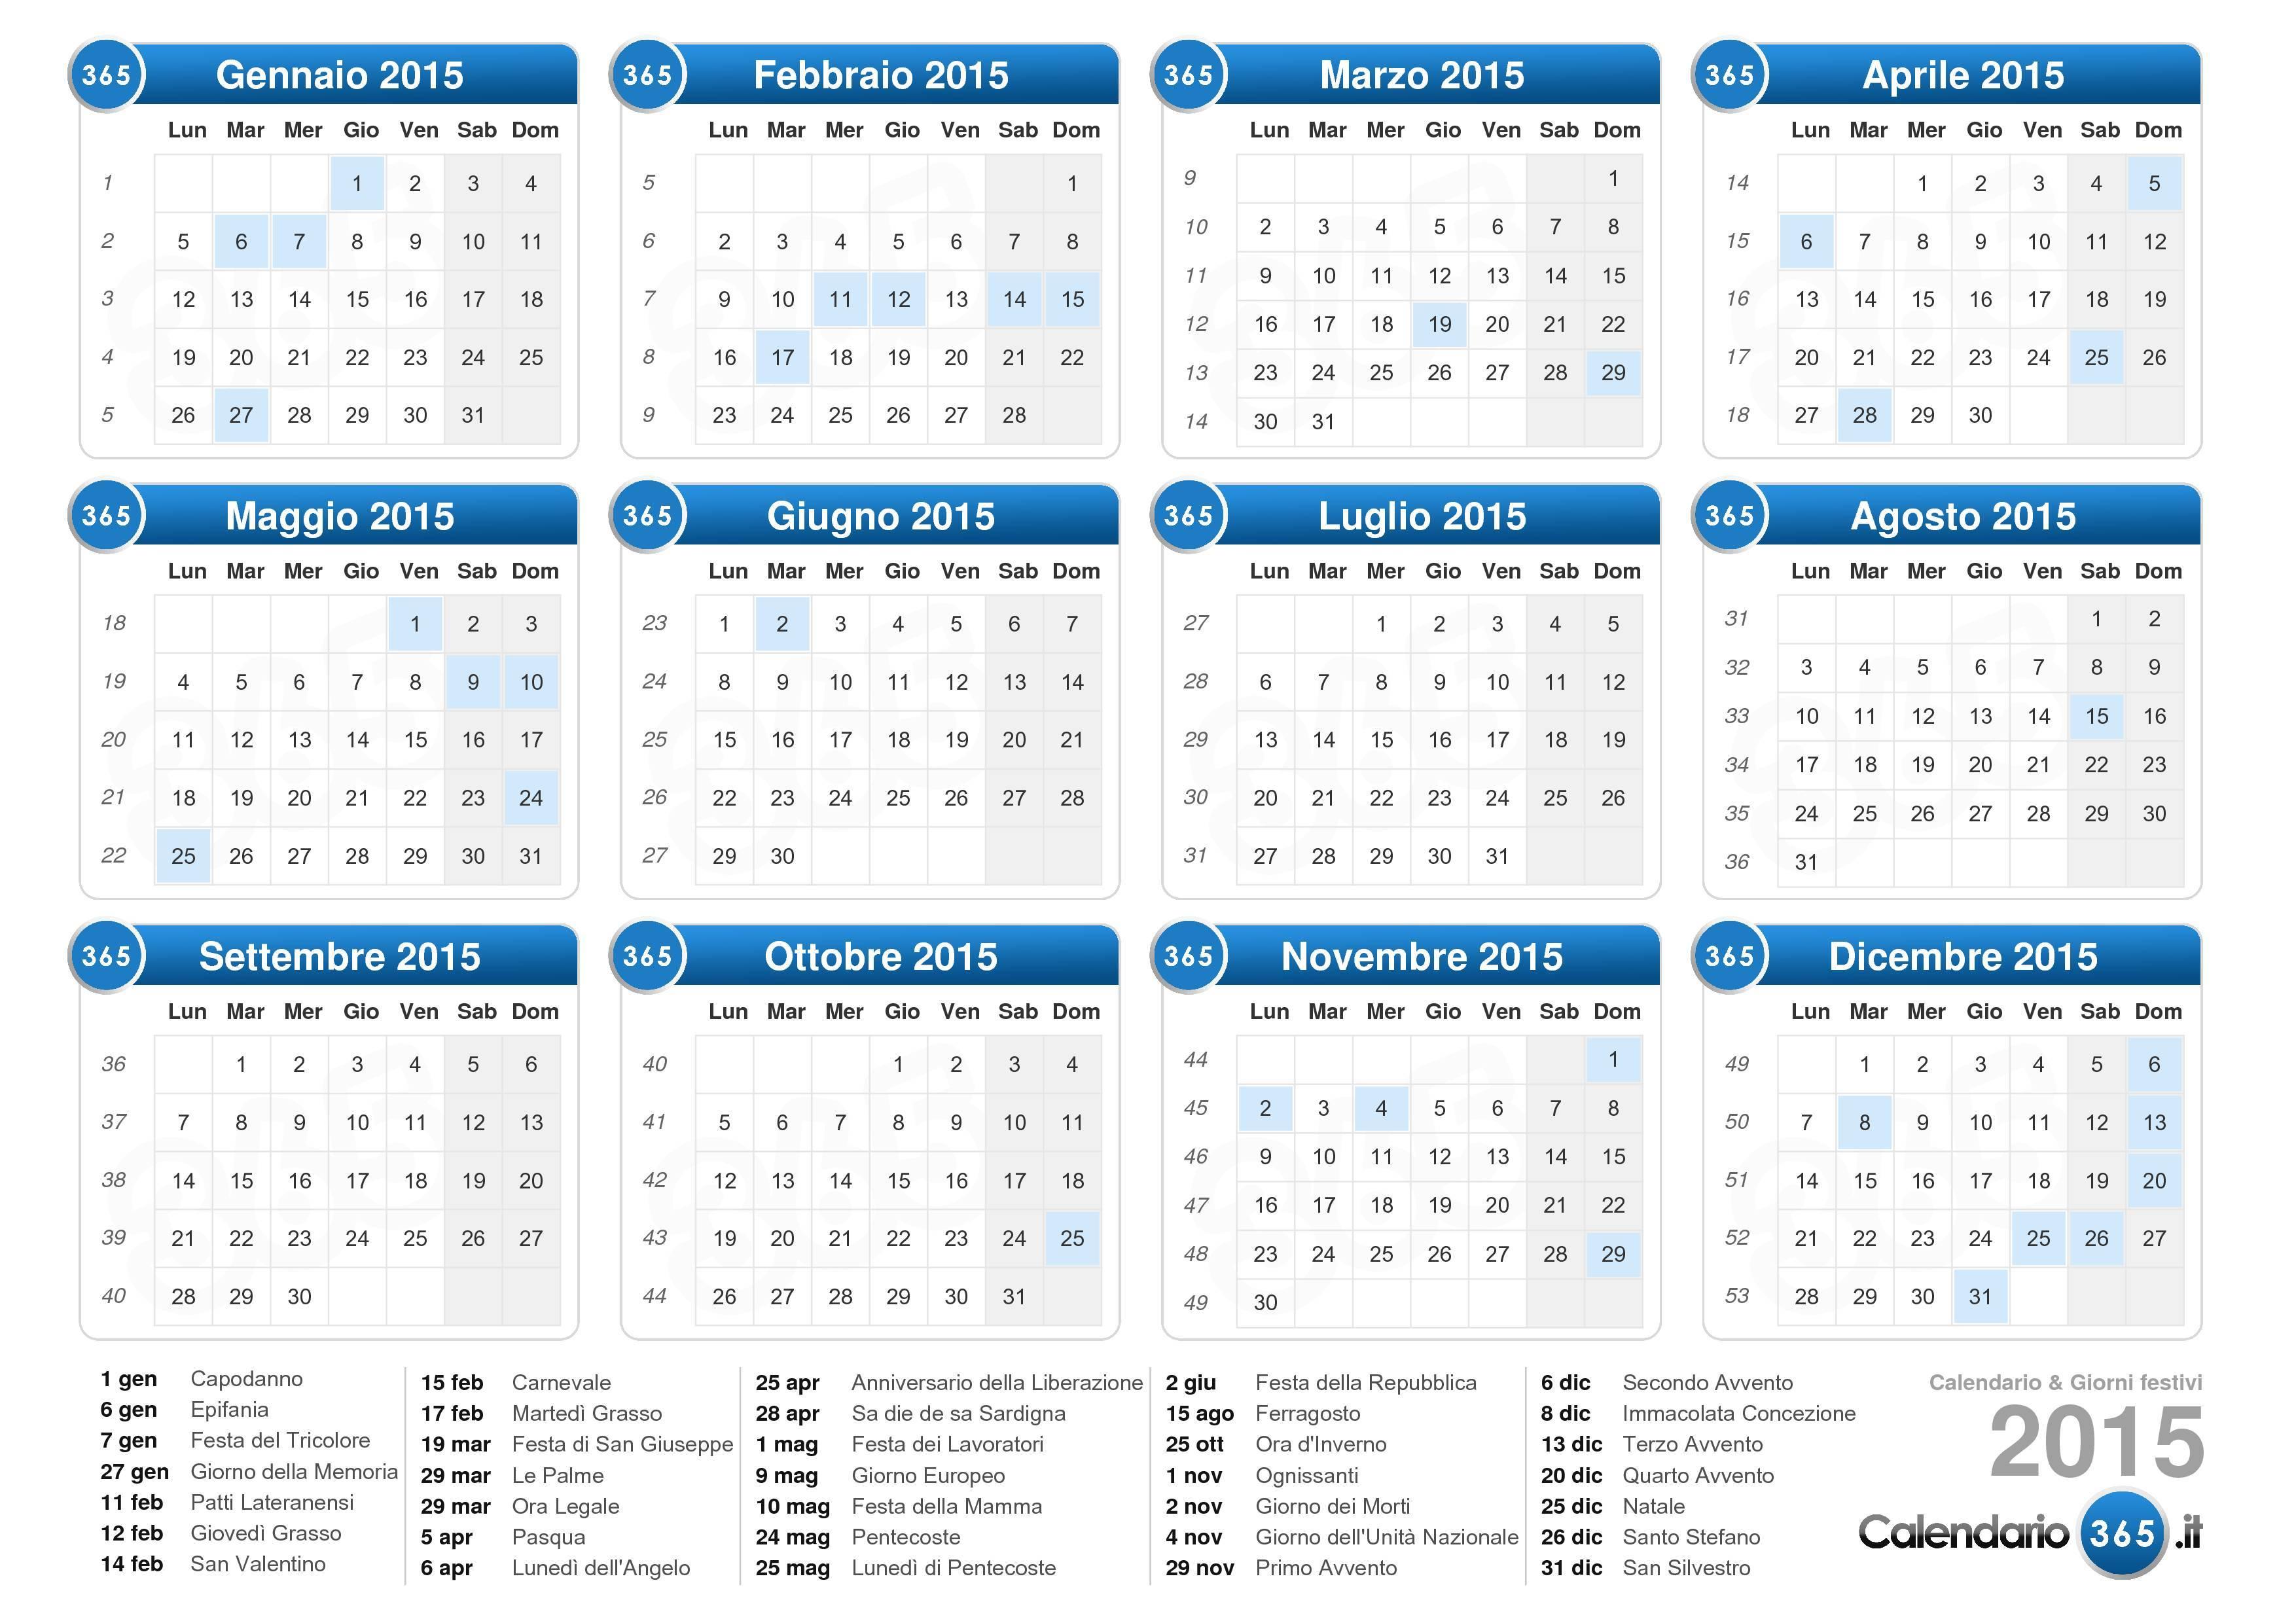 Calendario Anno 2015.Calendario 2015